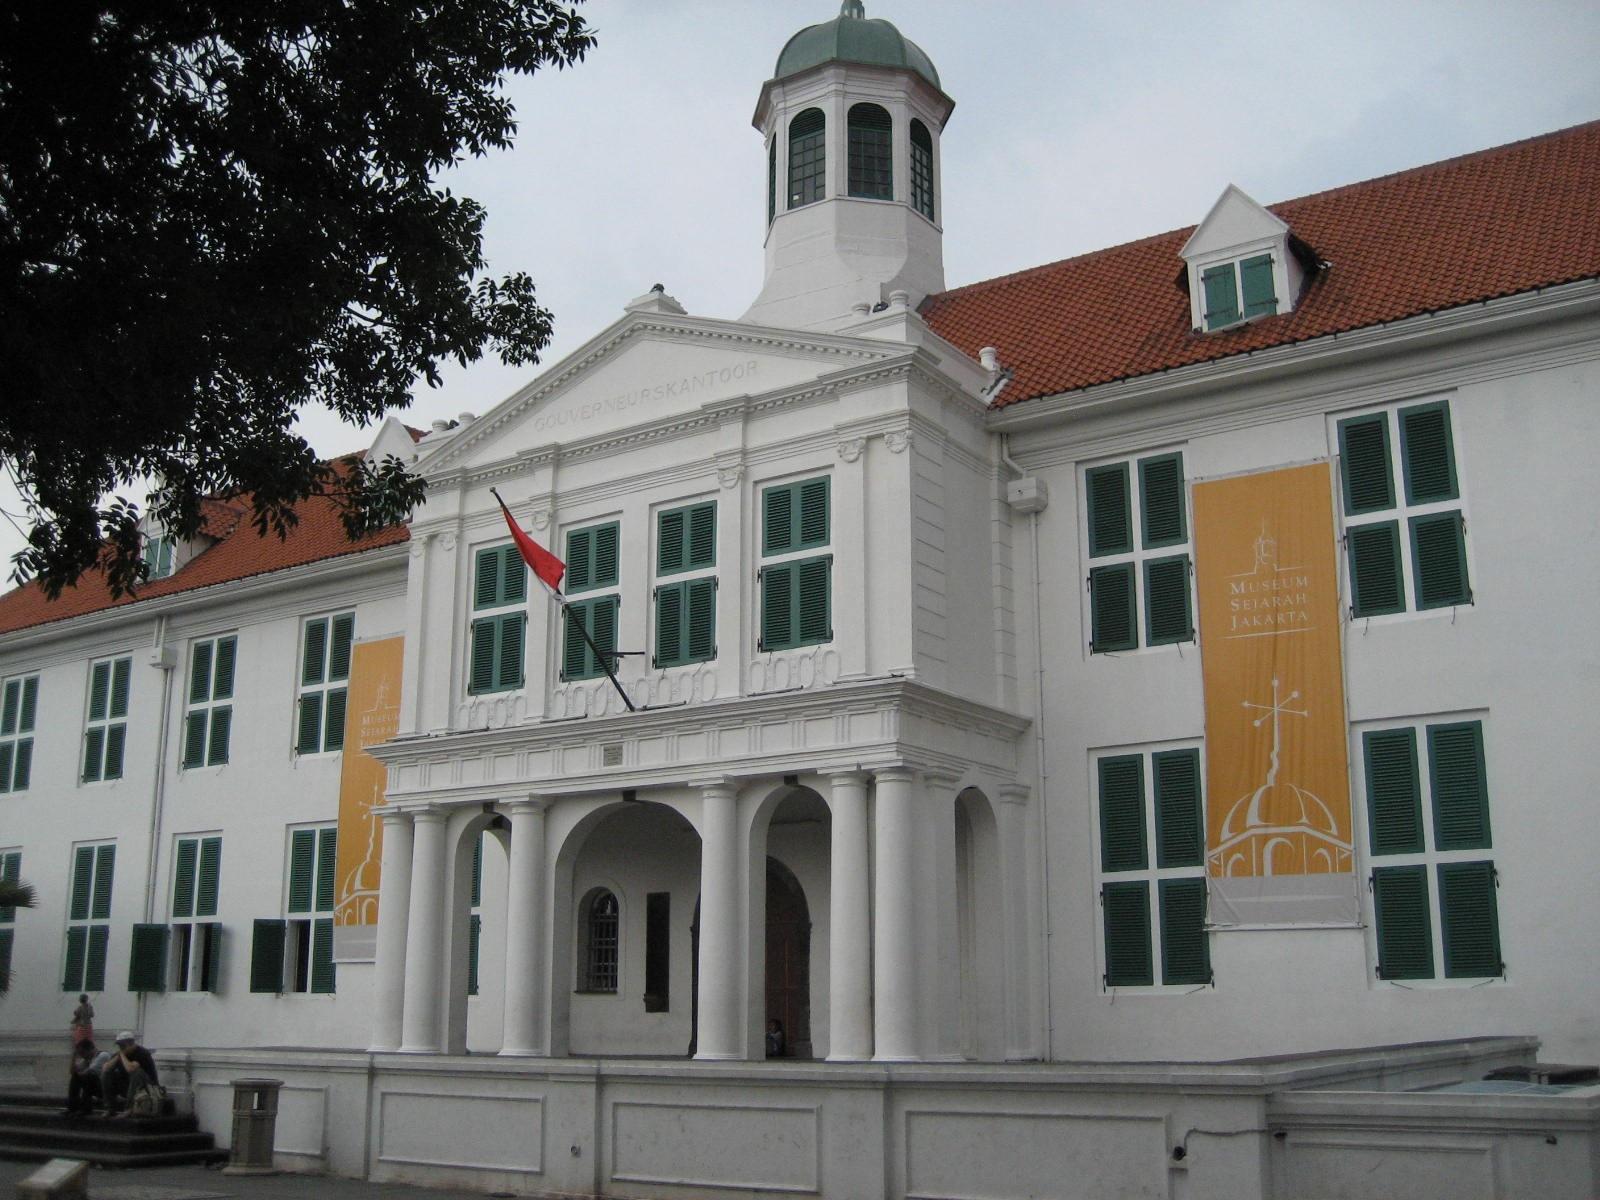 Kantor Dagang Ekonomi Indonesia Taipei Pariwisata Museum Wayang Kulit Kab